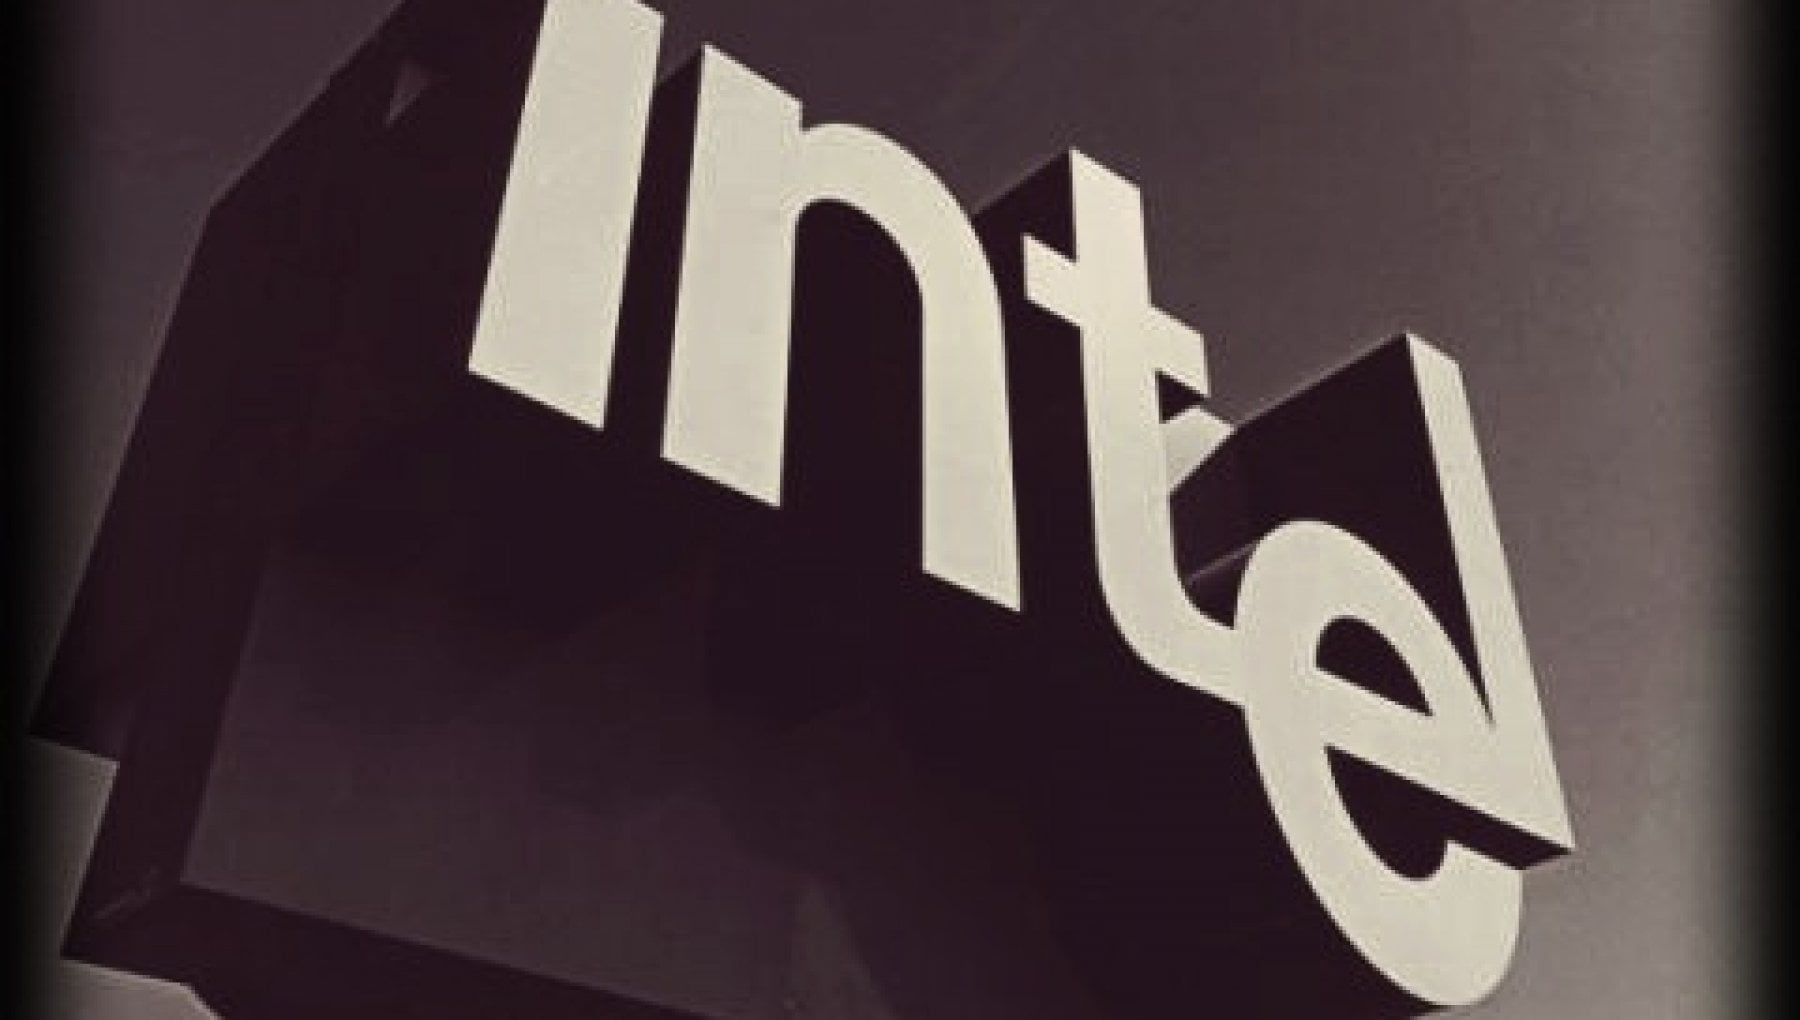 Nasce la Intel, non avevava neanche un business plan